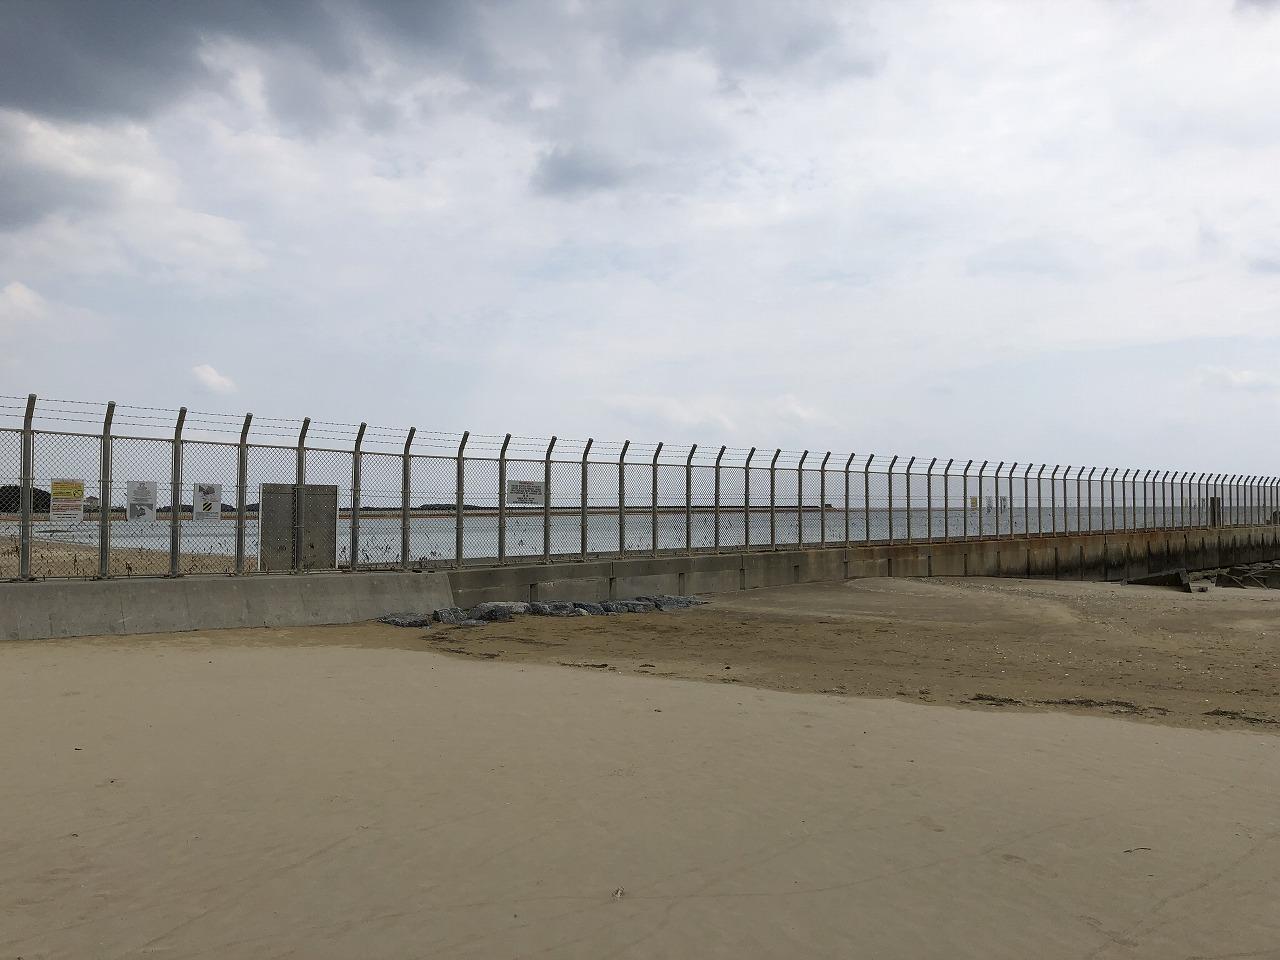 名護市の辺野古ビーチのフェンス1